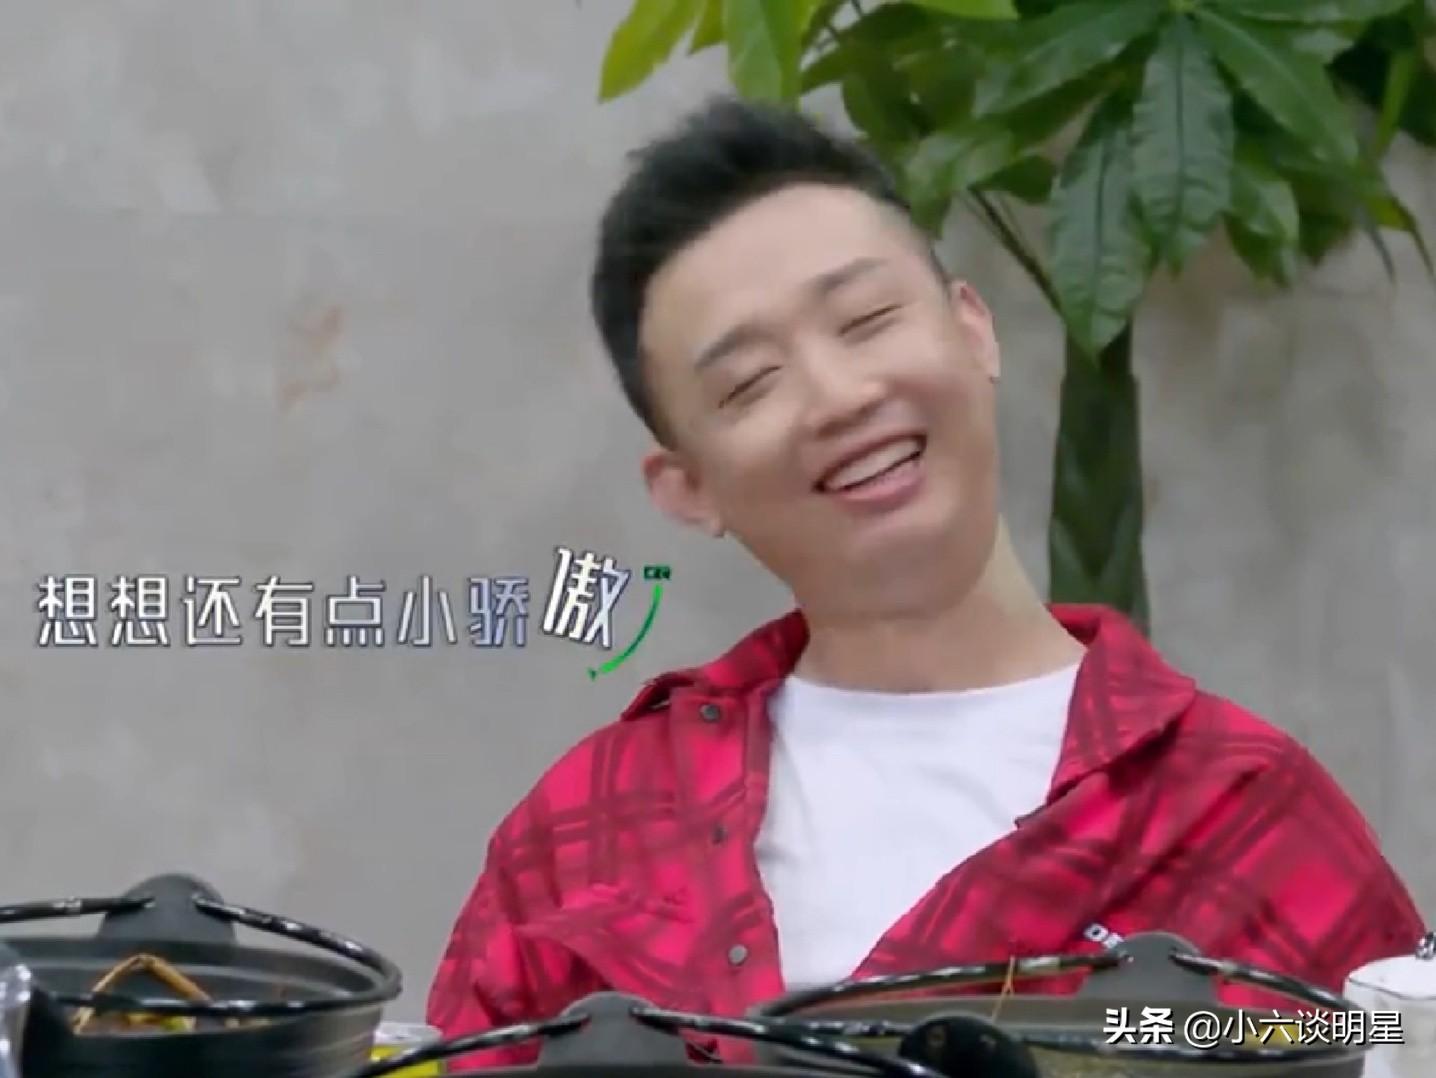 diss是什么意思中文(我diss你啥意思)